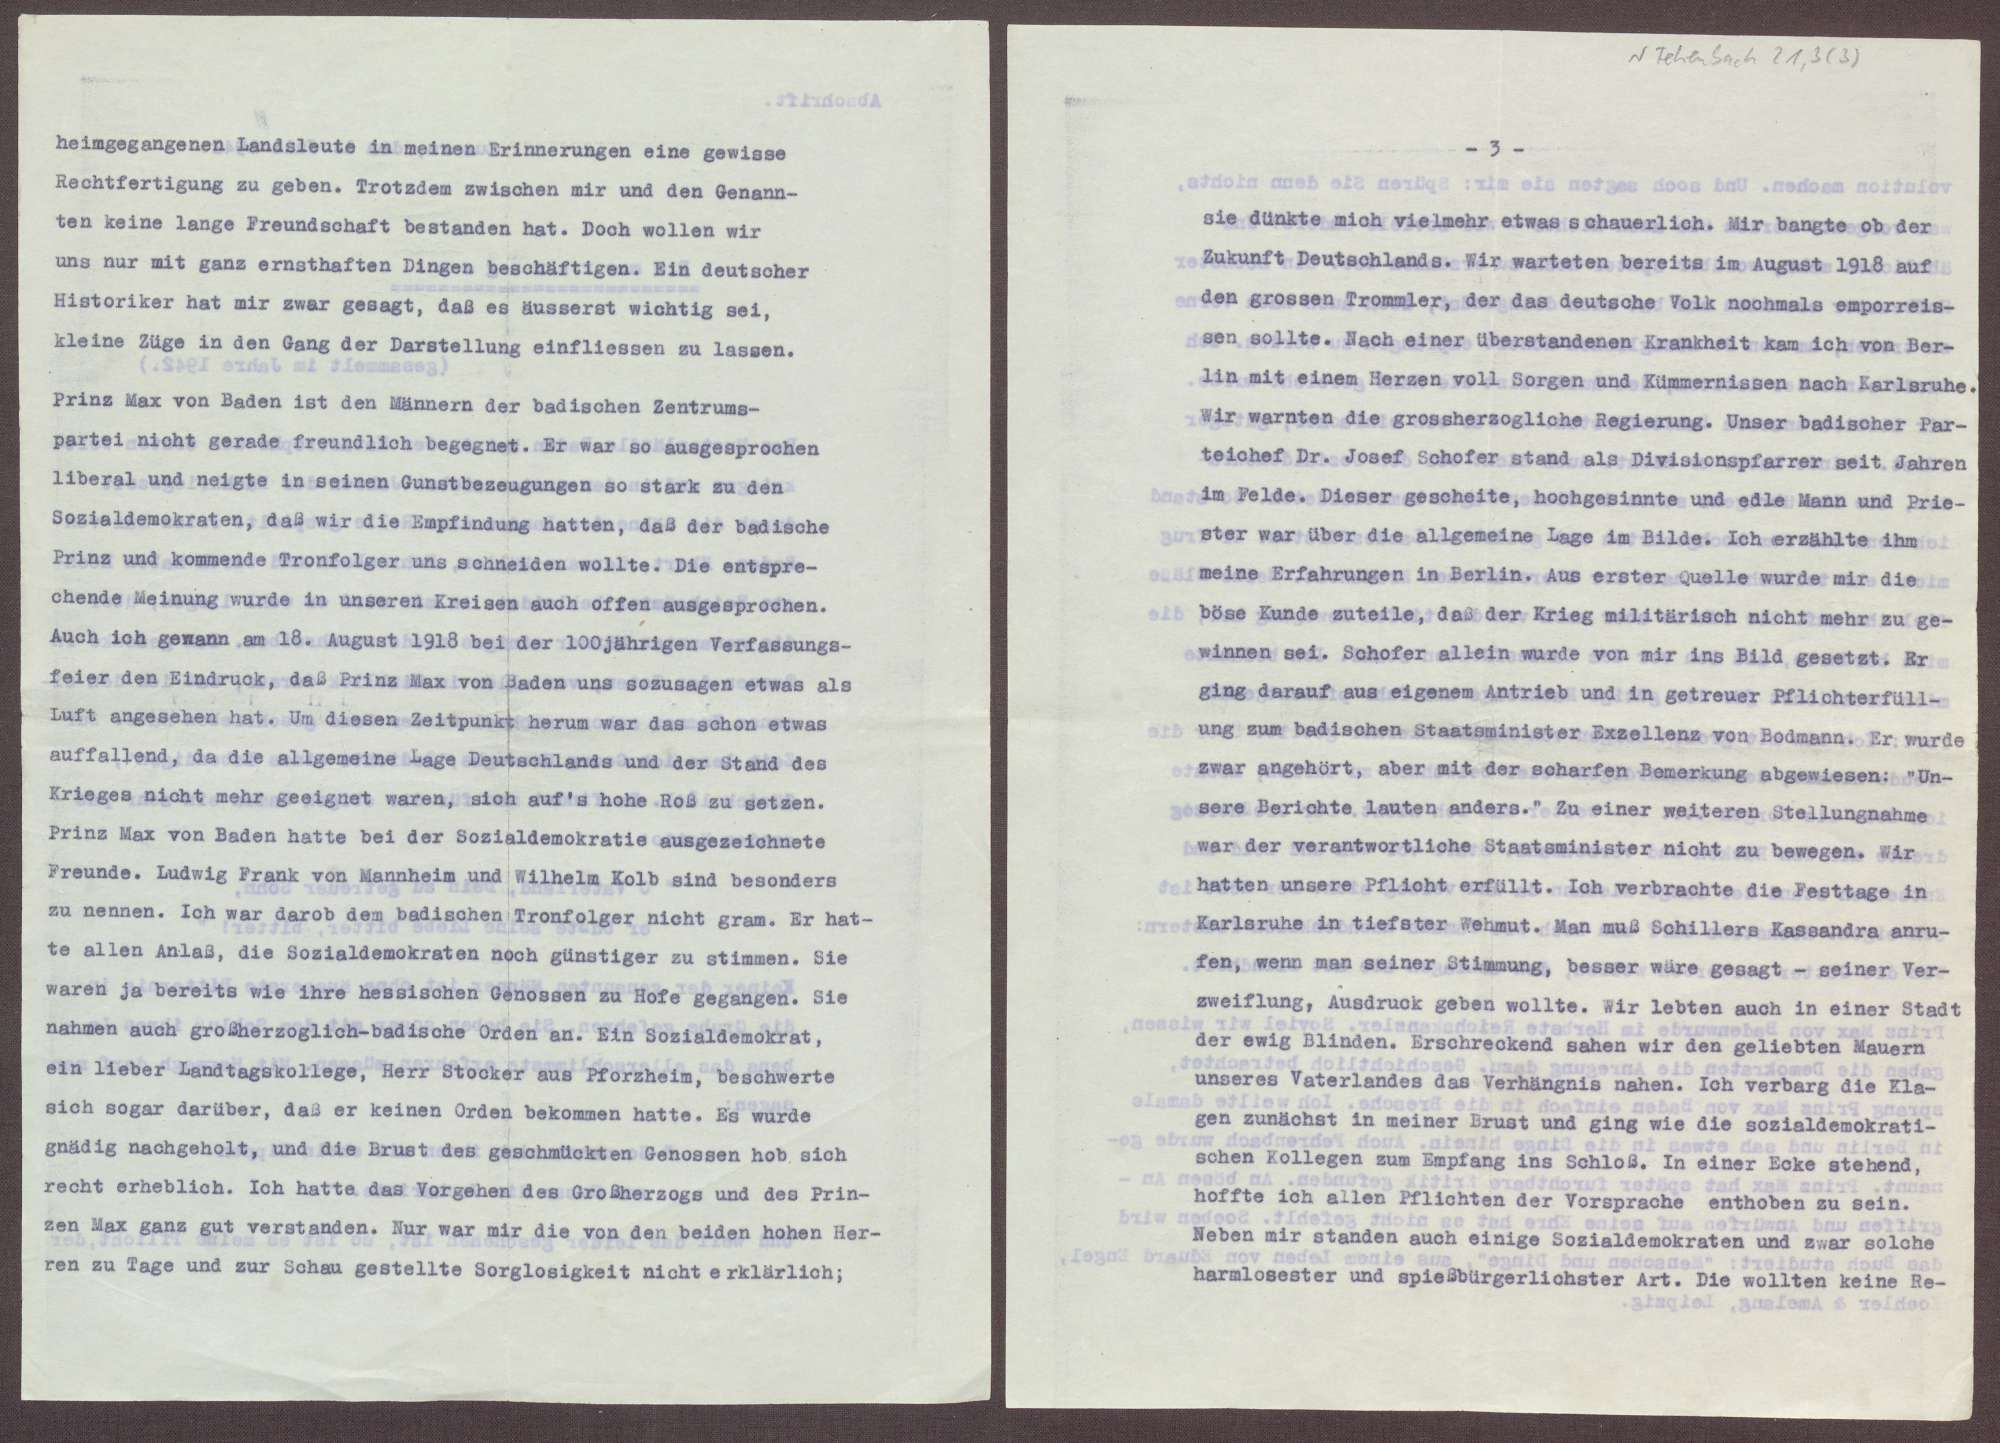 Schreiben von Ferdinand Kopf an Elisabeth Rosset, Übersendung einer Abschrift der Memoiren von Joseph Wirth, Bild 3